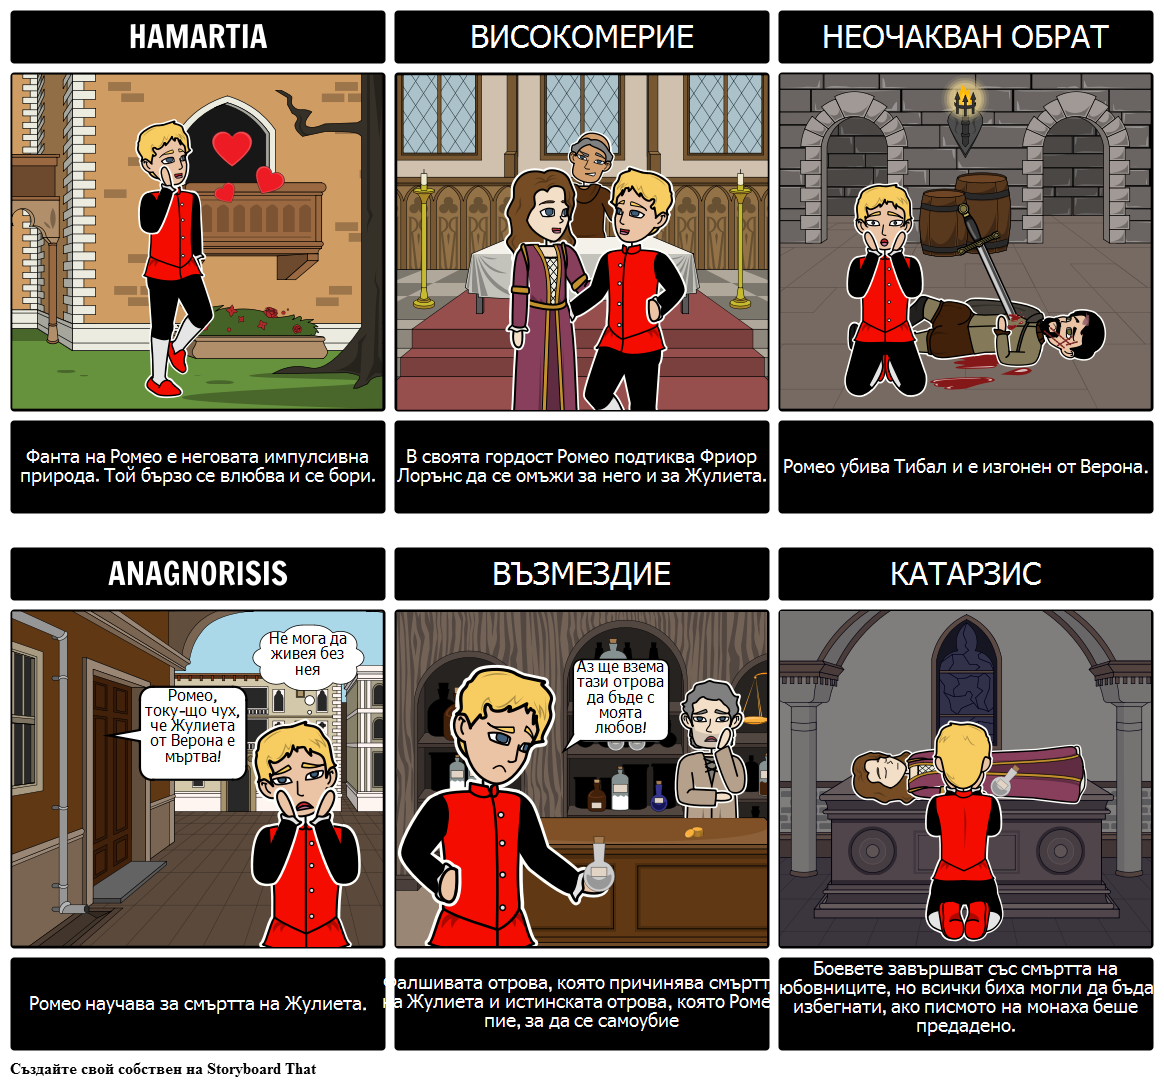 Ромео и Жулиета Трагичен Герой